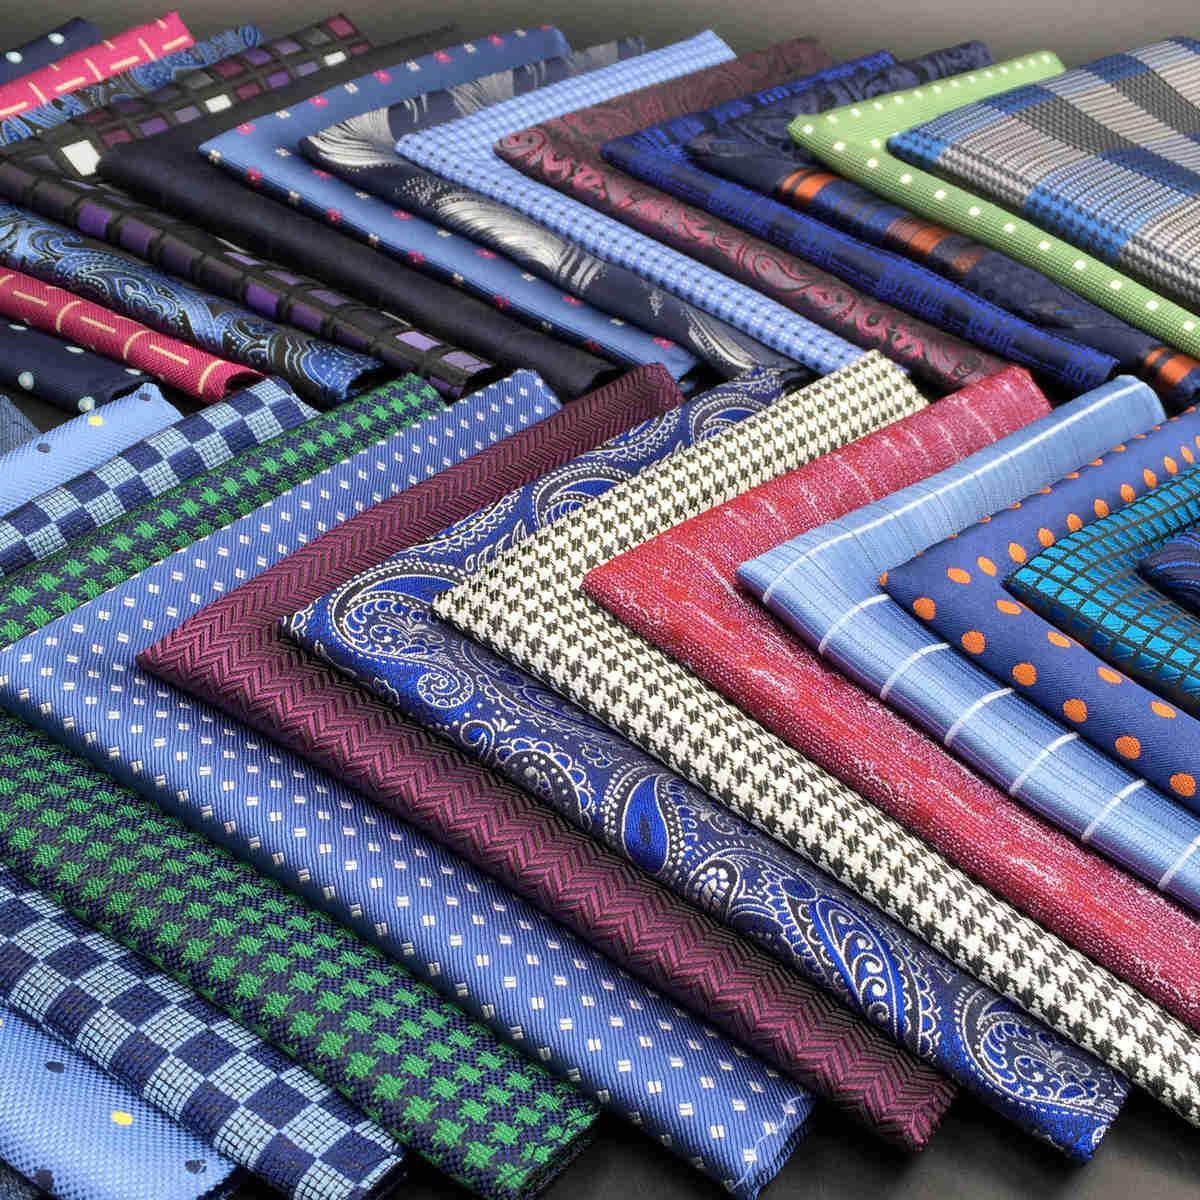 Blue Paisley Striped мужской карманный квадрат многоцветный шелковый модный платок свадьба свадьба свадьбы